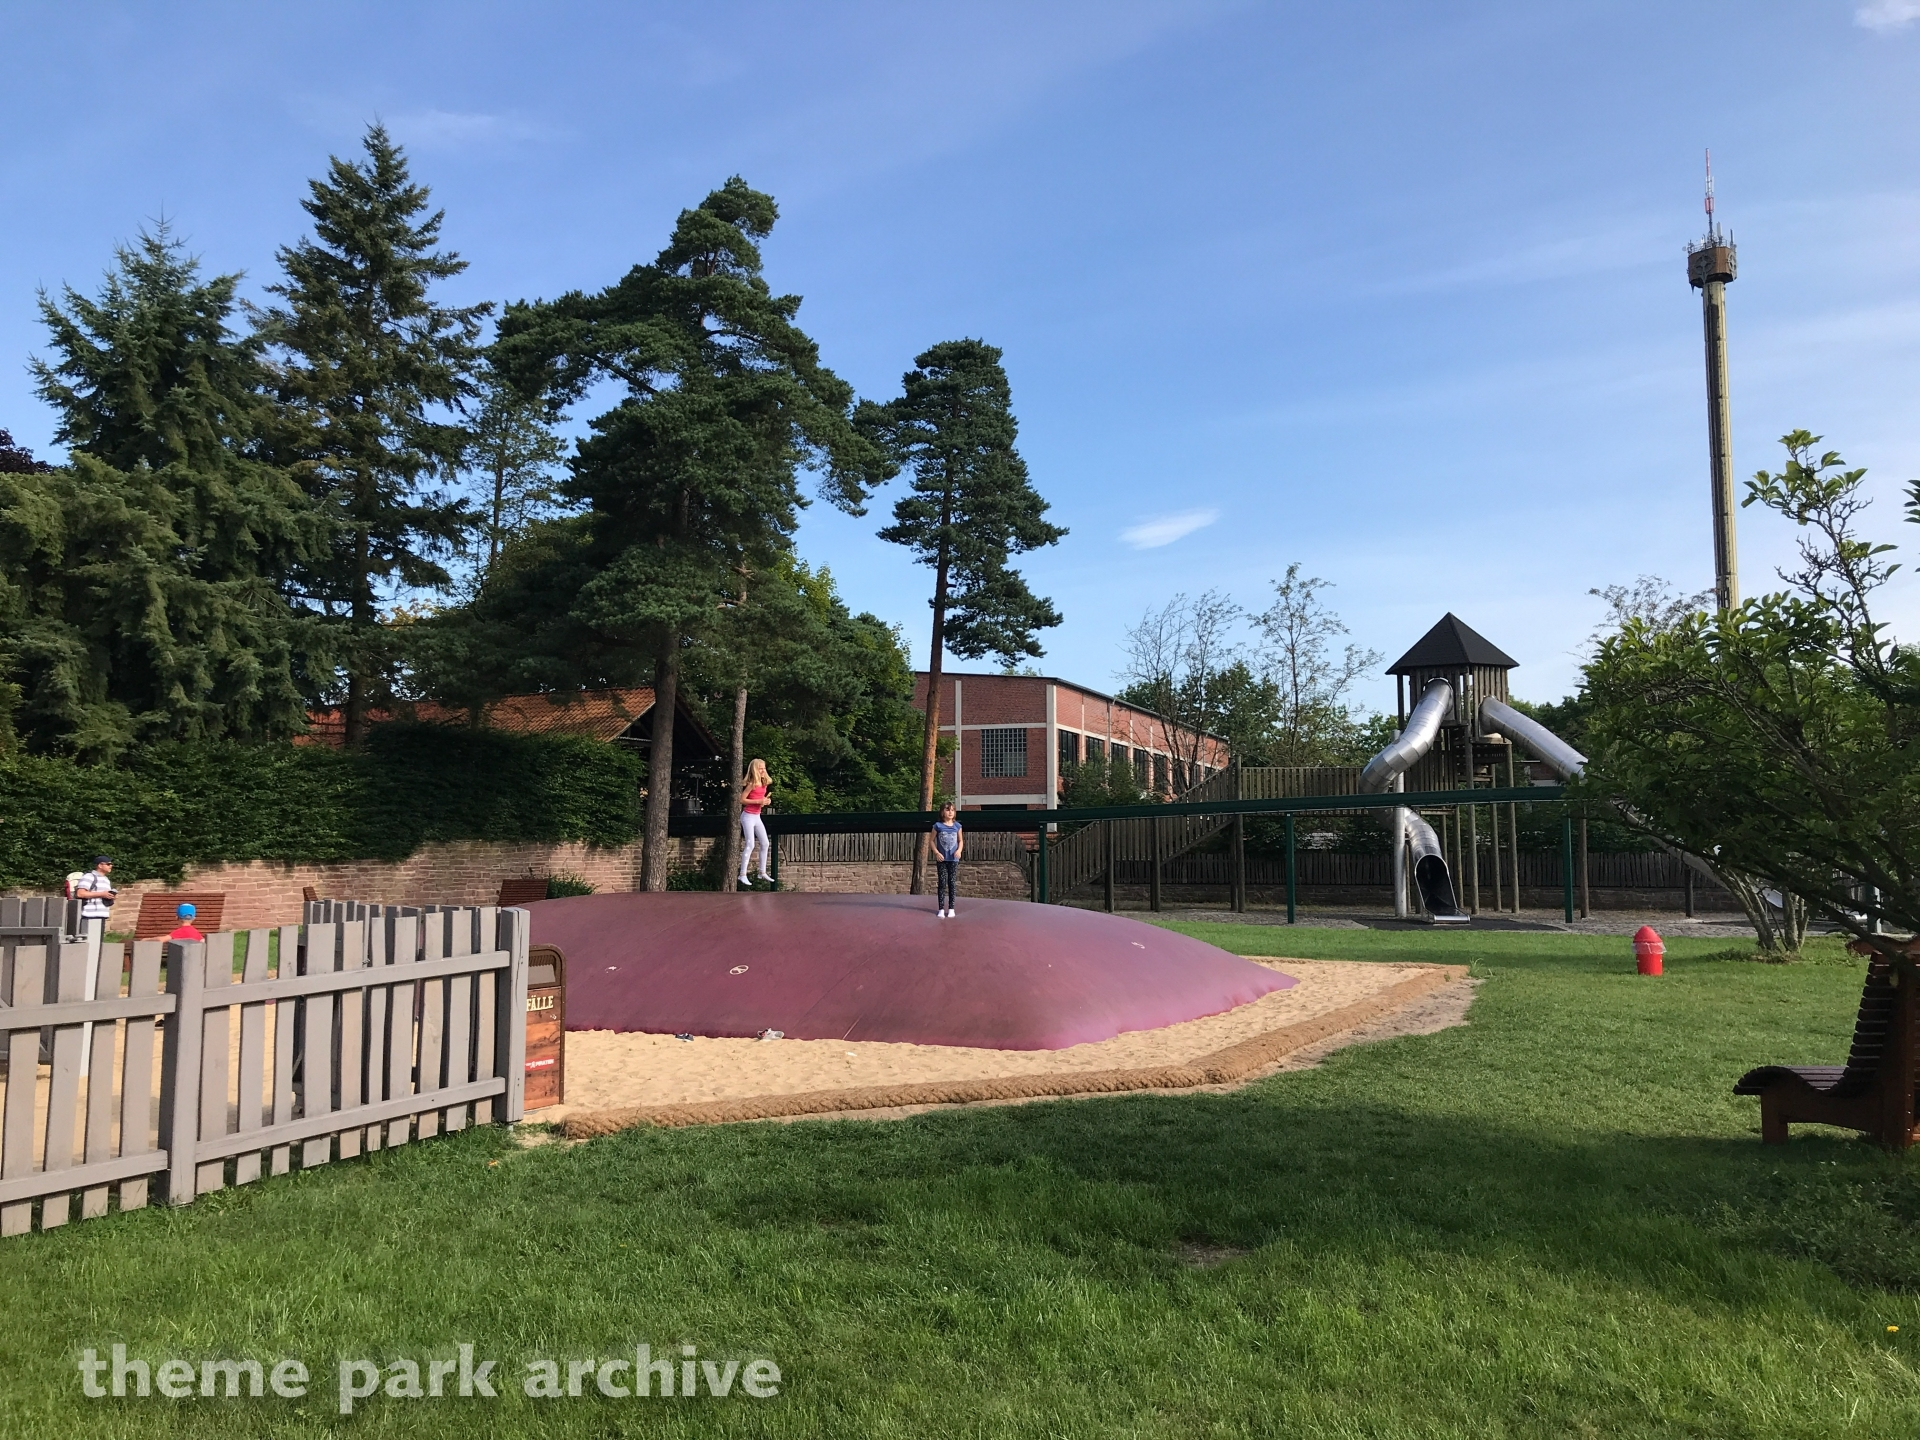 Hupfkissen at Heide Park